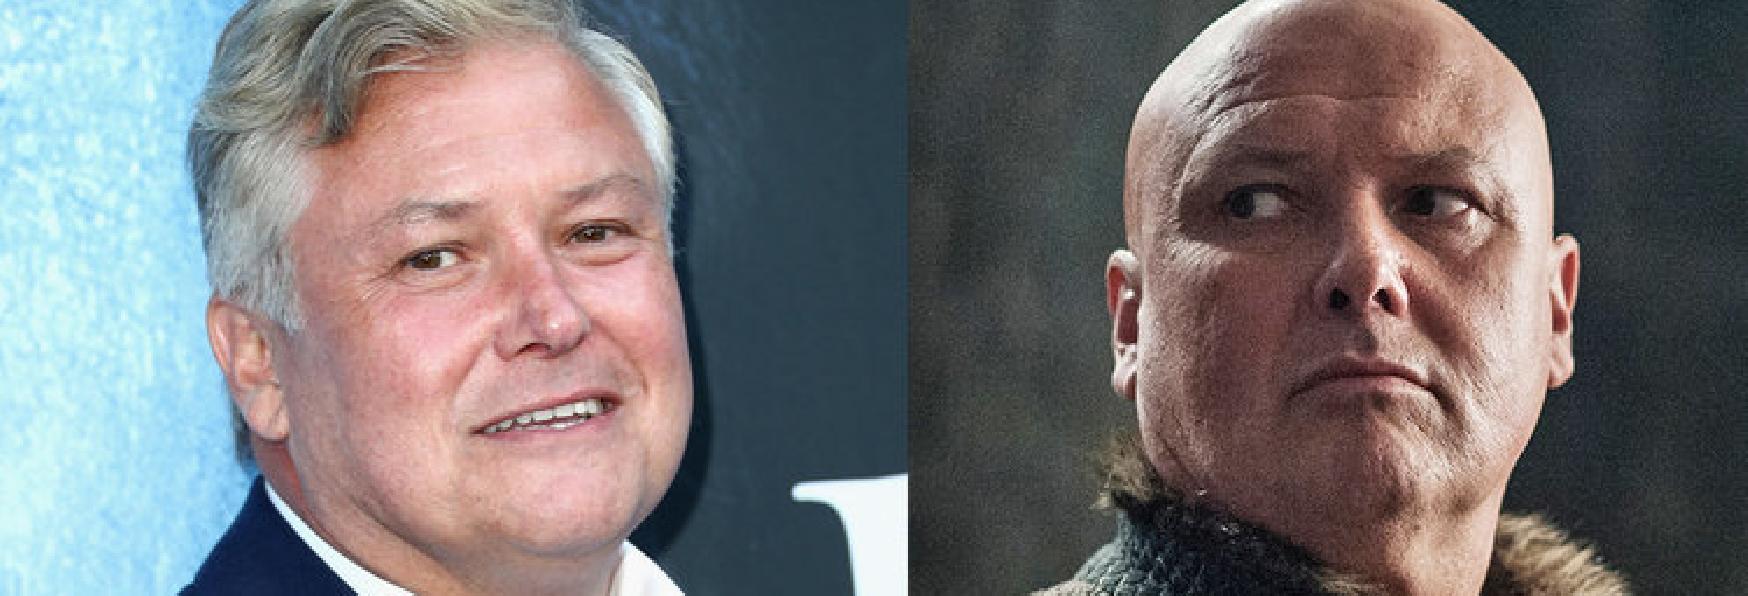 Game of Thrones 8: secondo Conleth Hill, i morti non sono il Problema Principale della Stagione Finale